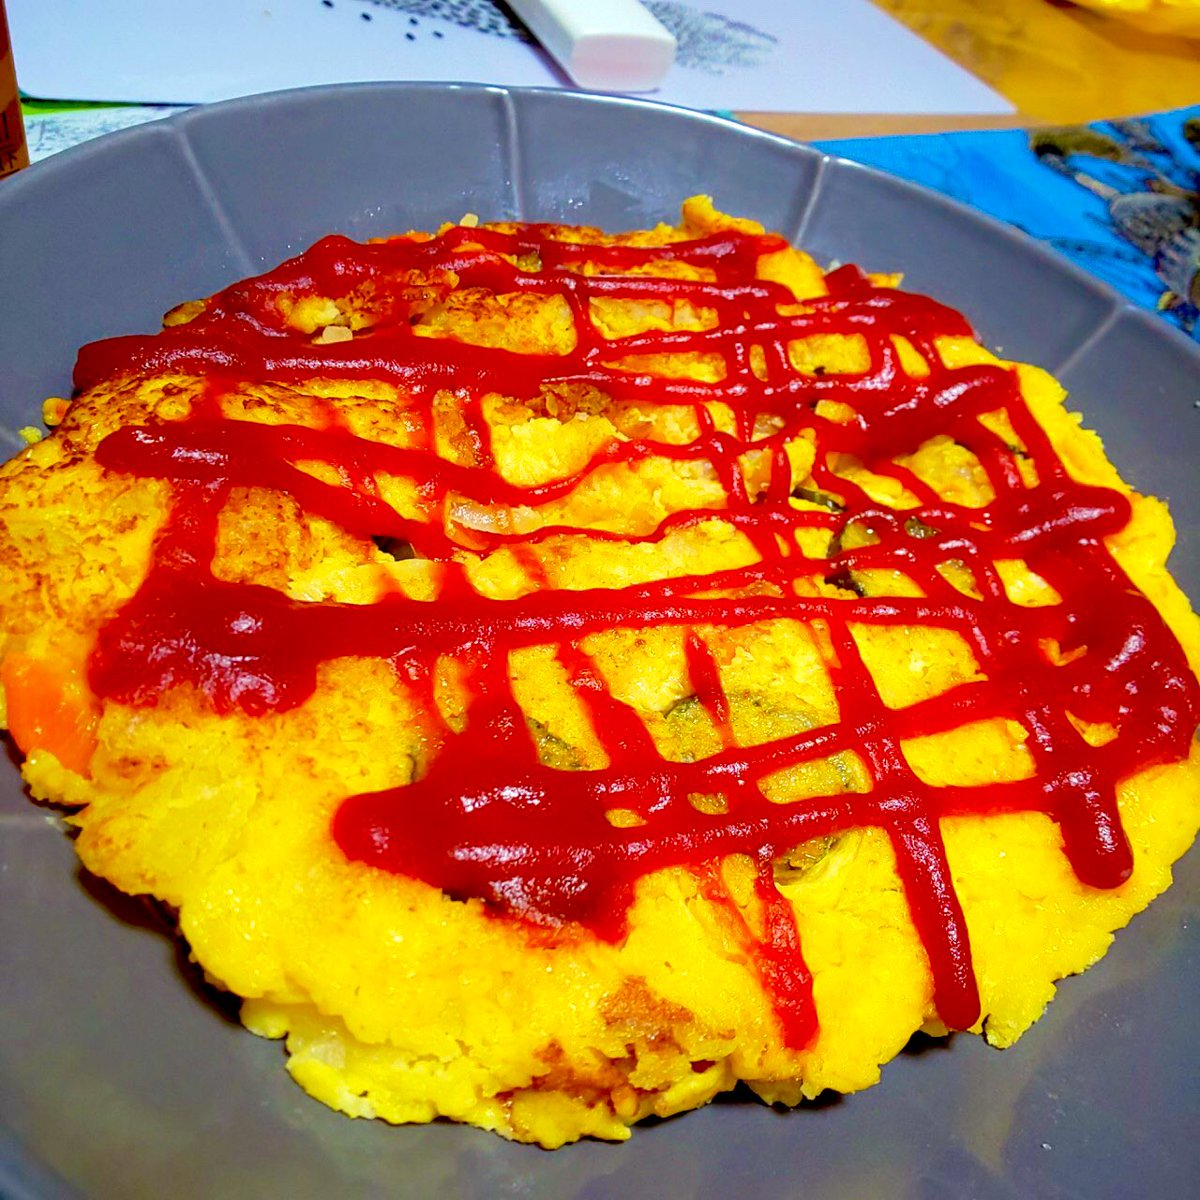 【リメイク❗️フォロワー800万人記念】ポテトサラダでスパニッシュオムレツ🥺🥺🥺()#ぱぱぴえん #クラシル #kurashiru #リメイク #ポテトサラダの日 #ポテサラ #オムレツ #ケチャップの魔人 #ケチャップ文字 #料理好き #料理記録 #おうちごはん #うちで過ごそう #StayHome